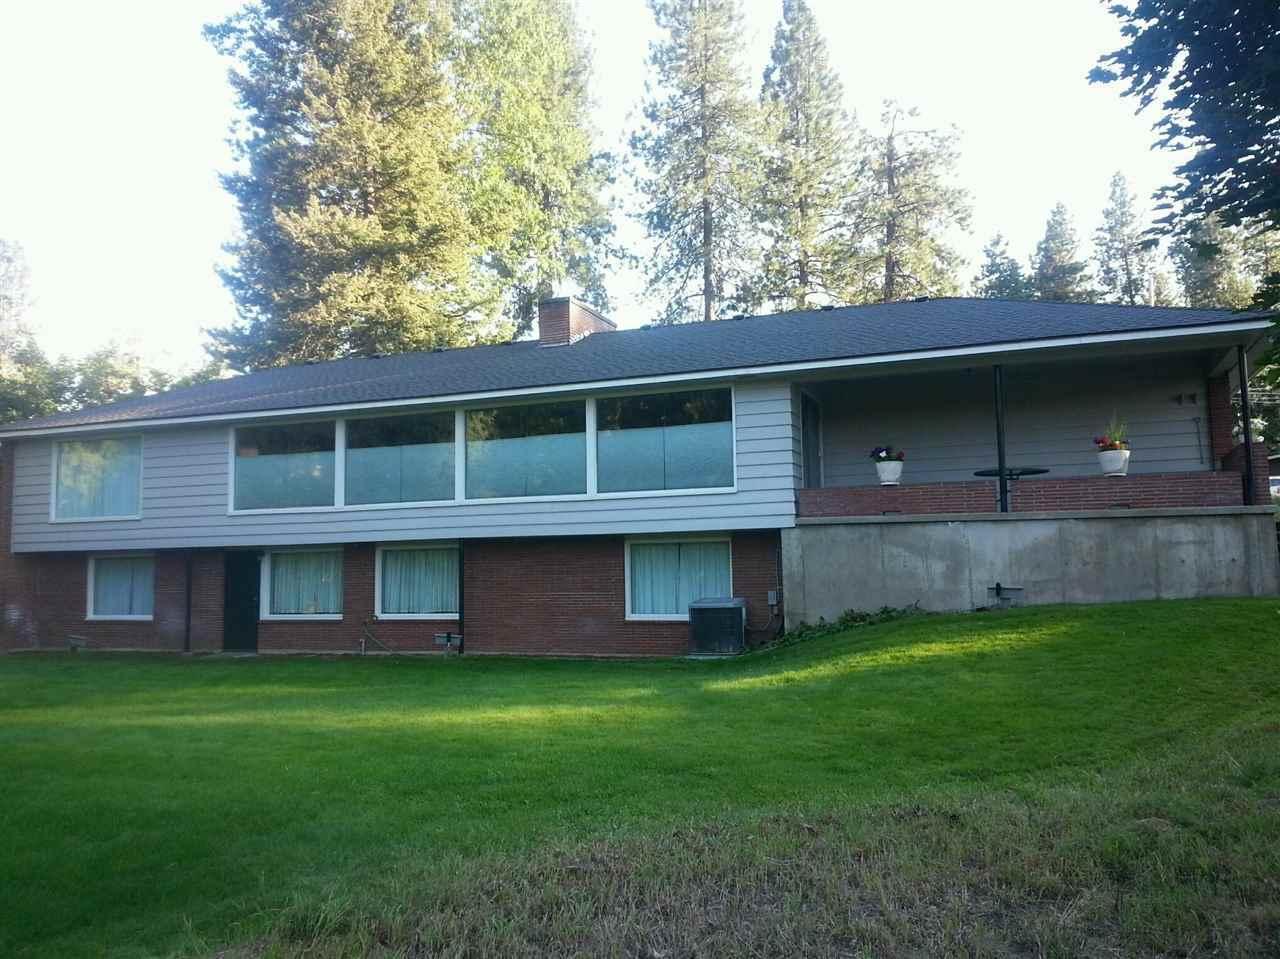 924 W Hawthorne Rd, Spokane, WA - USA (photo 2)